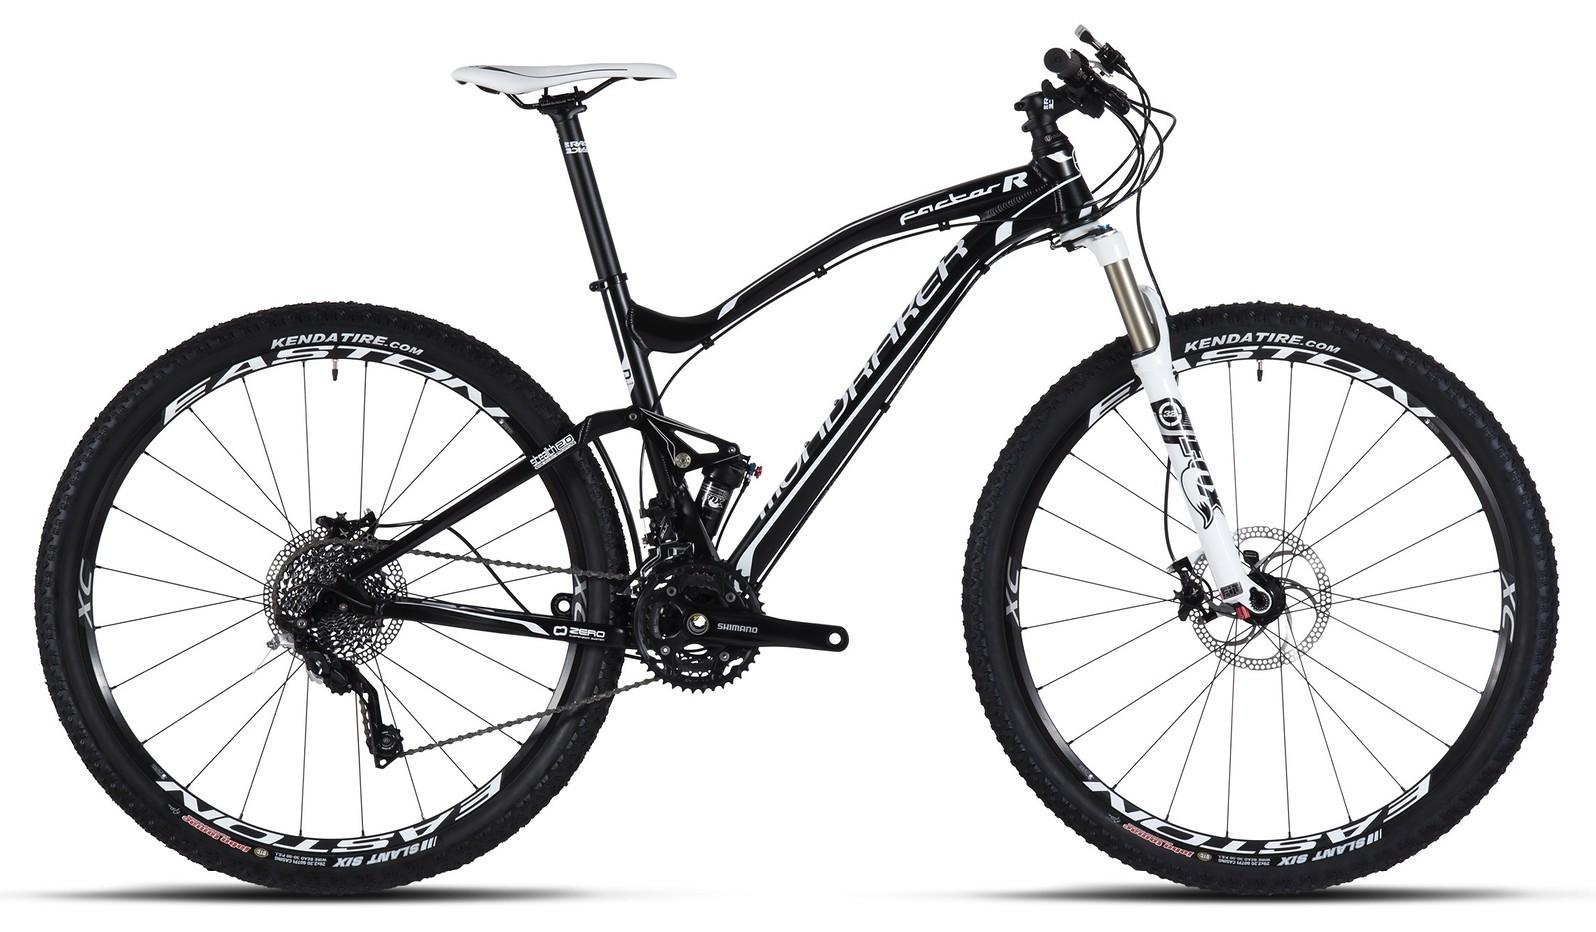 2013 Mondraker Factor R 29er Bike bike - mondraker factor r 29er